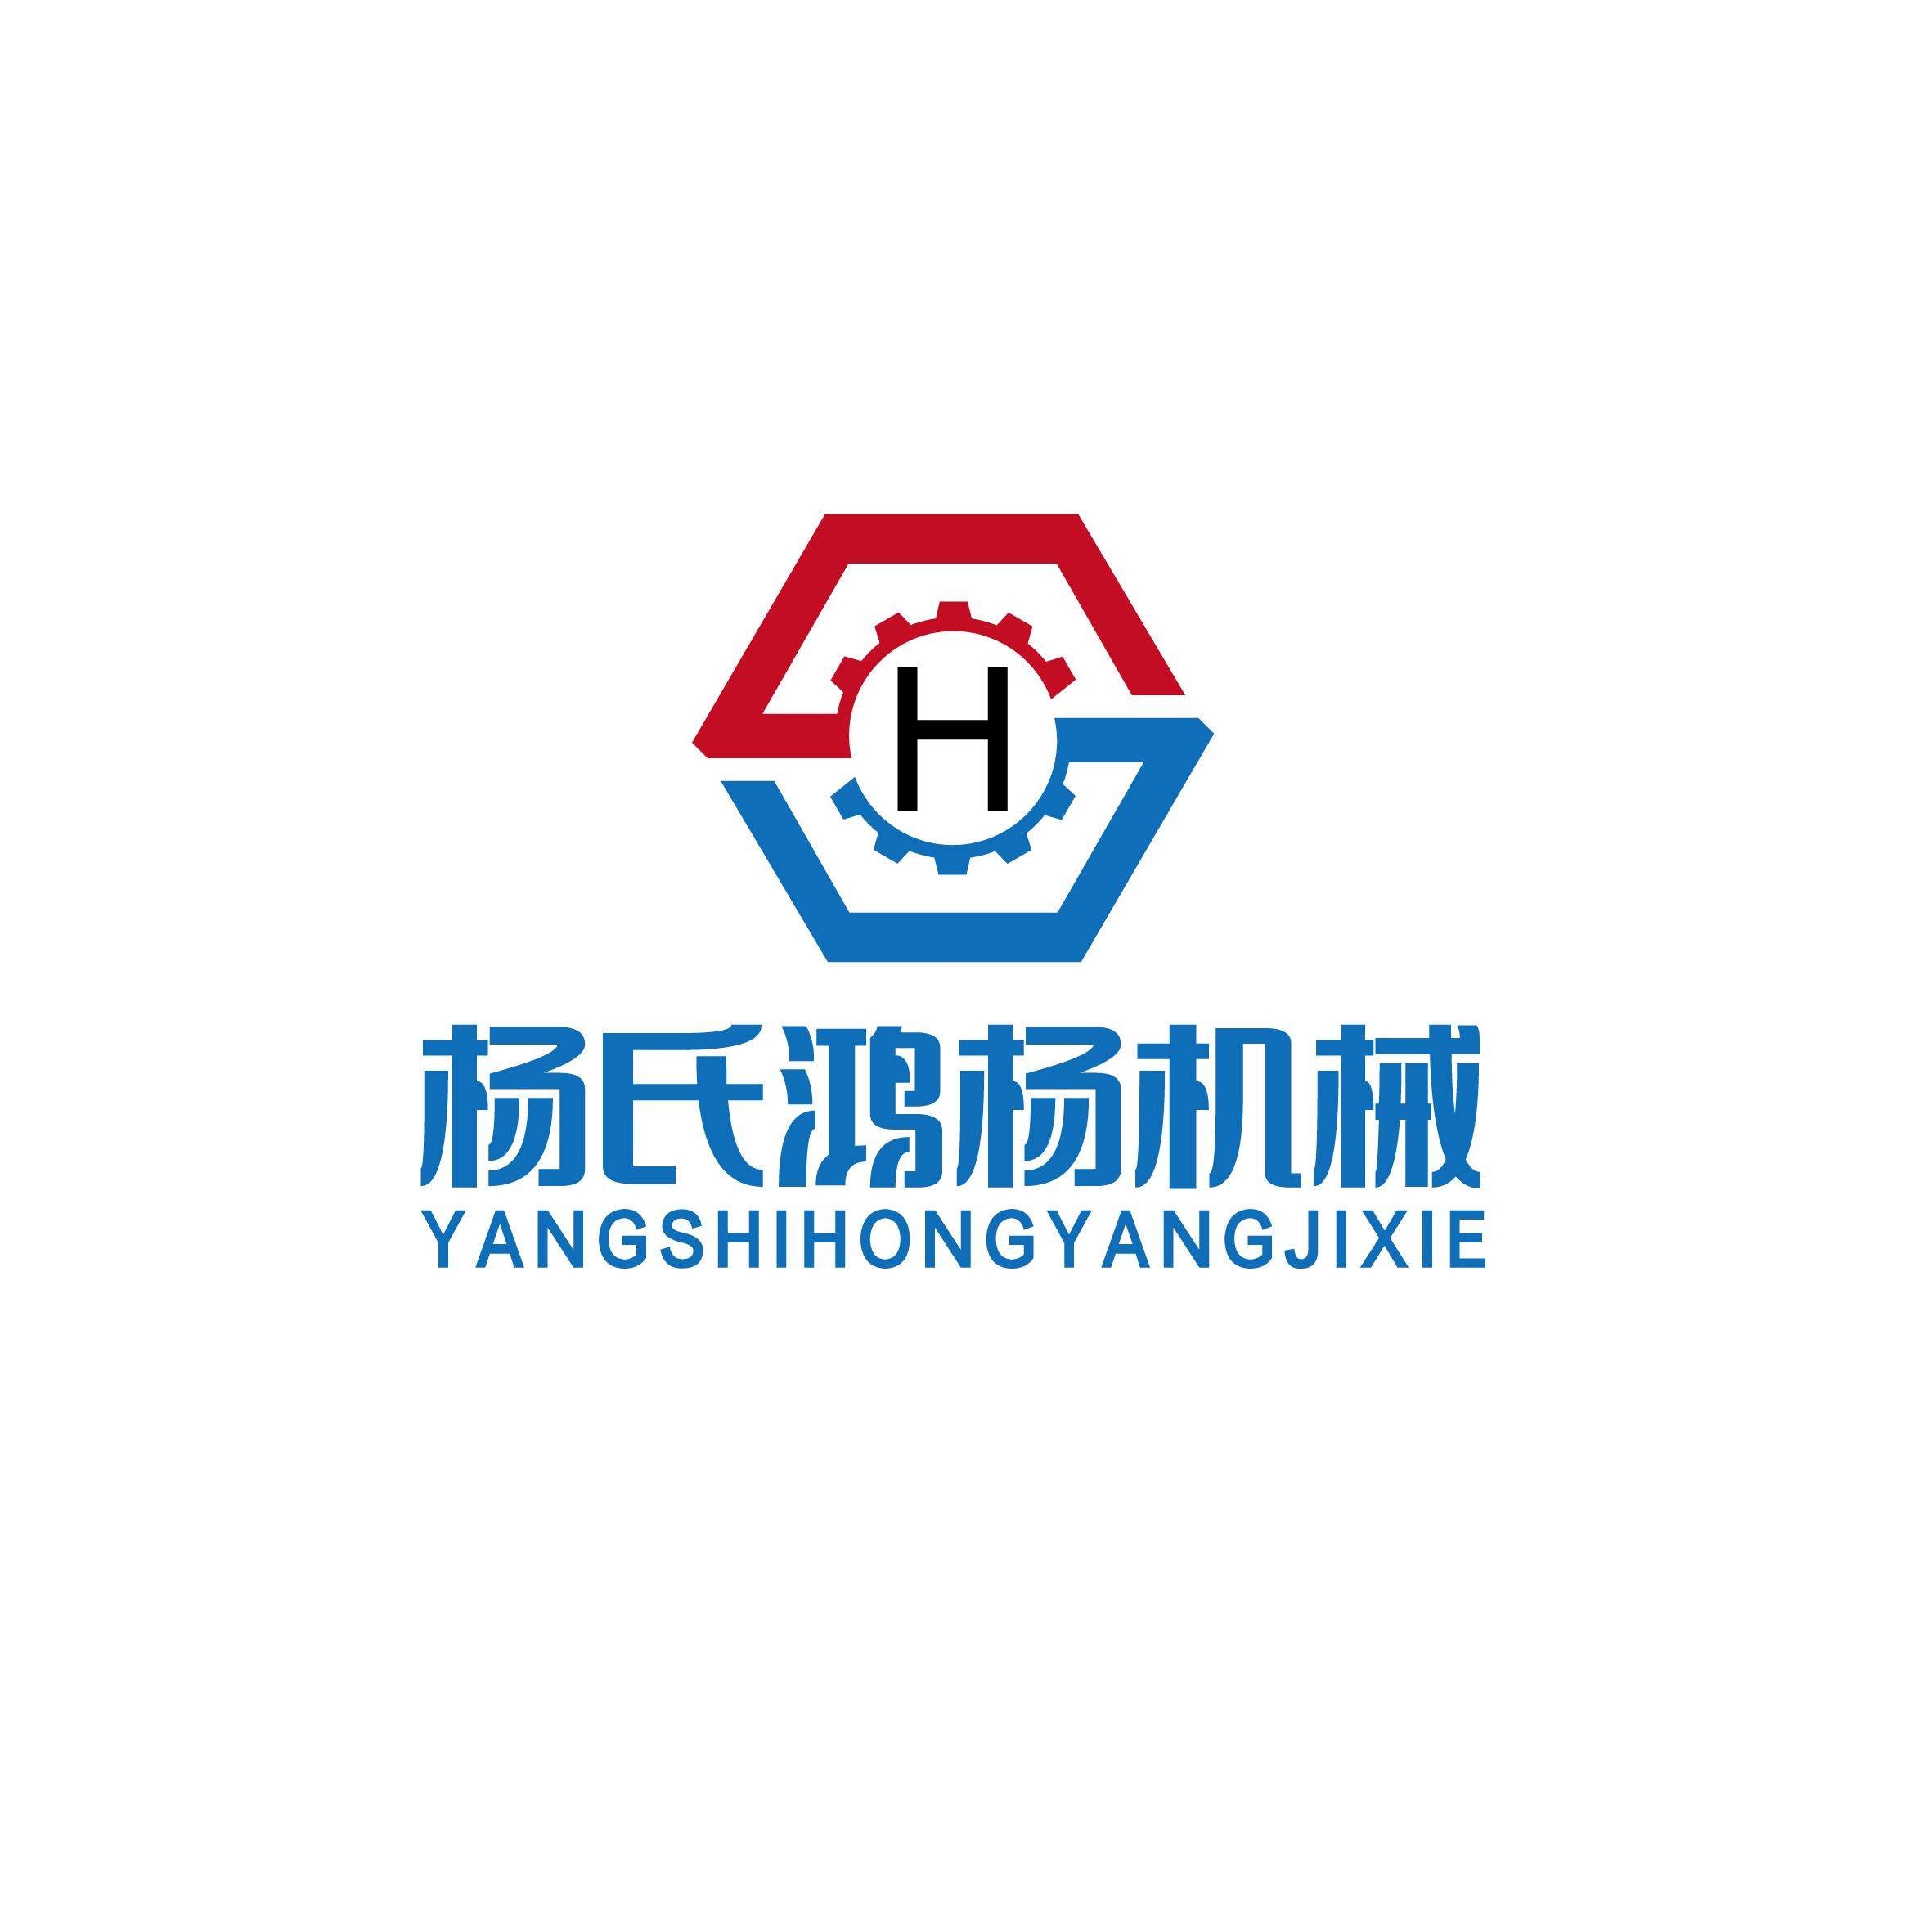 張家港市楊氏鴻楊機械有限公司